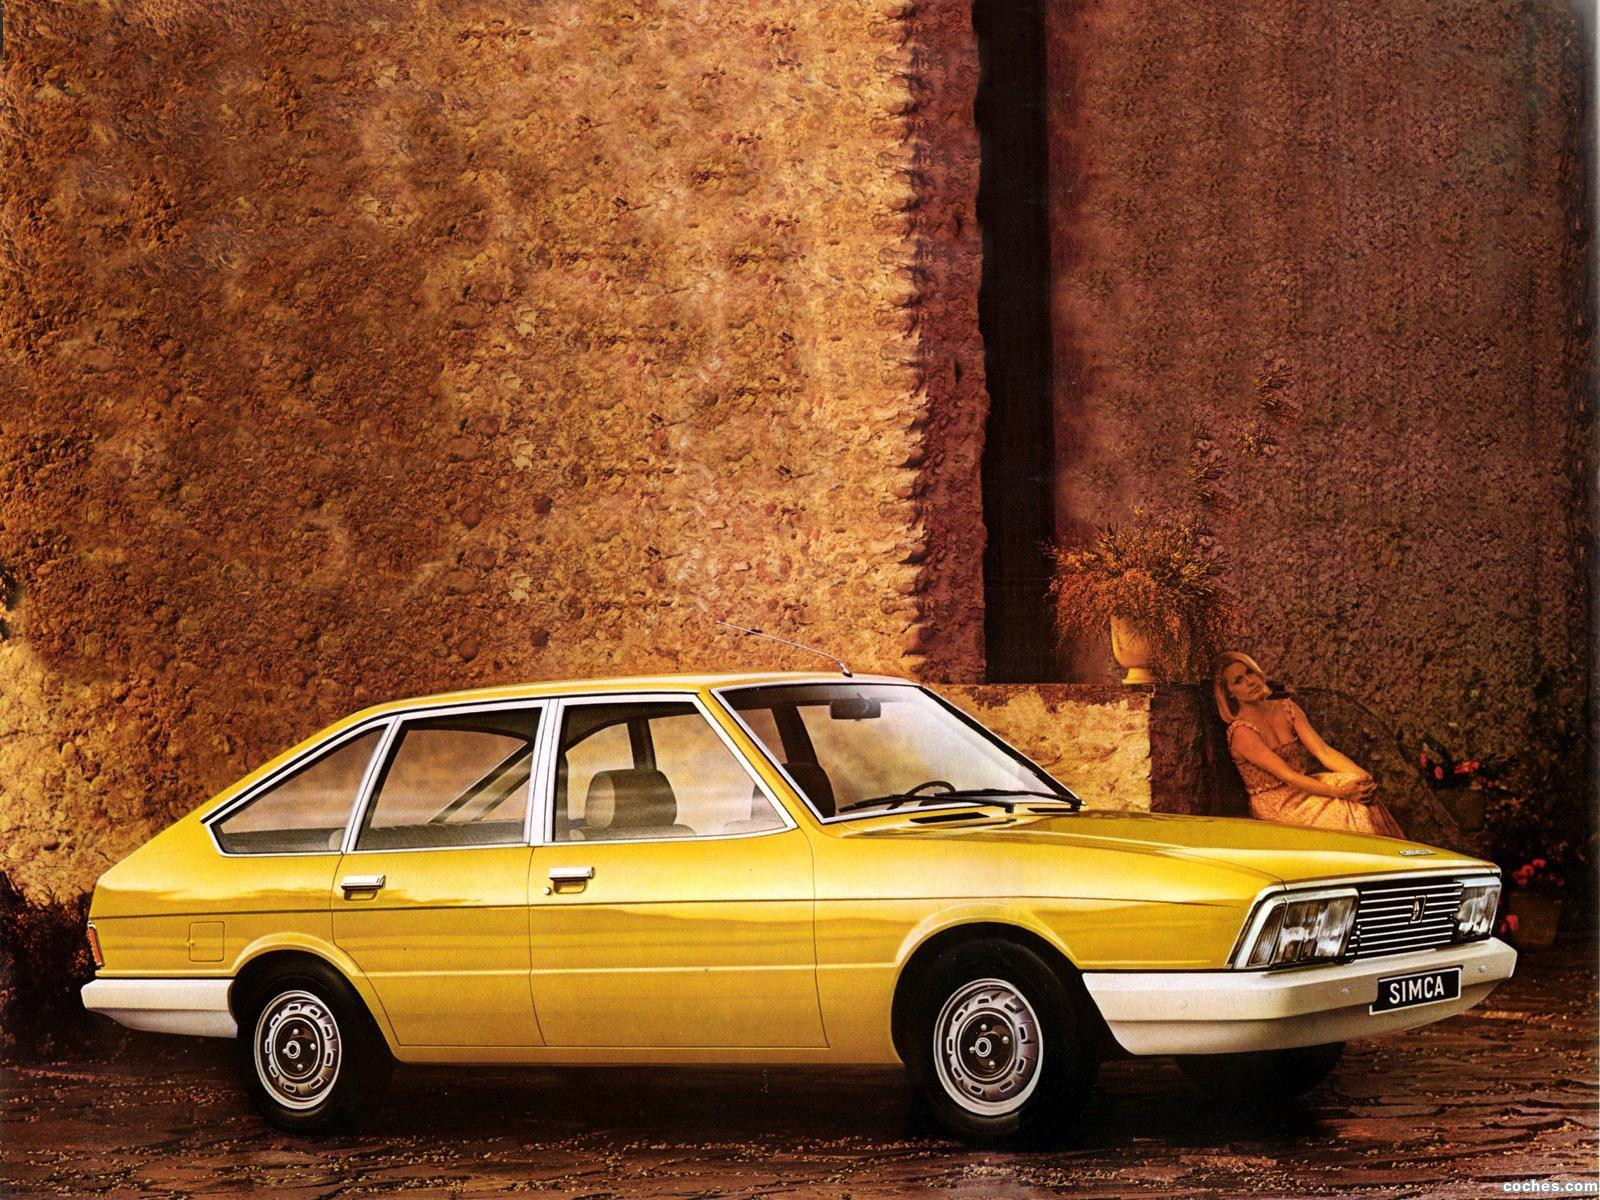 Foto 0 de Chrysler Simca 1307 1975